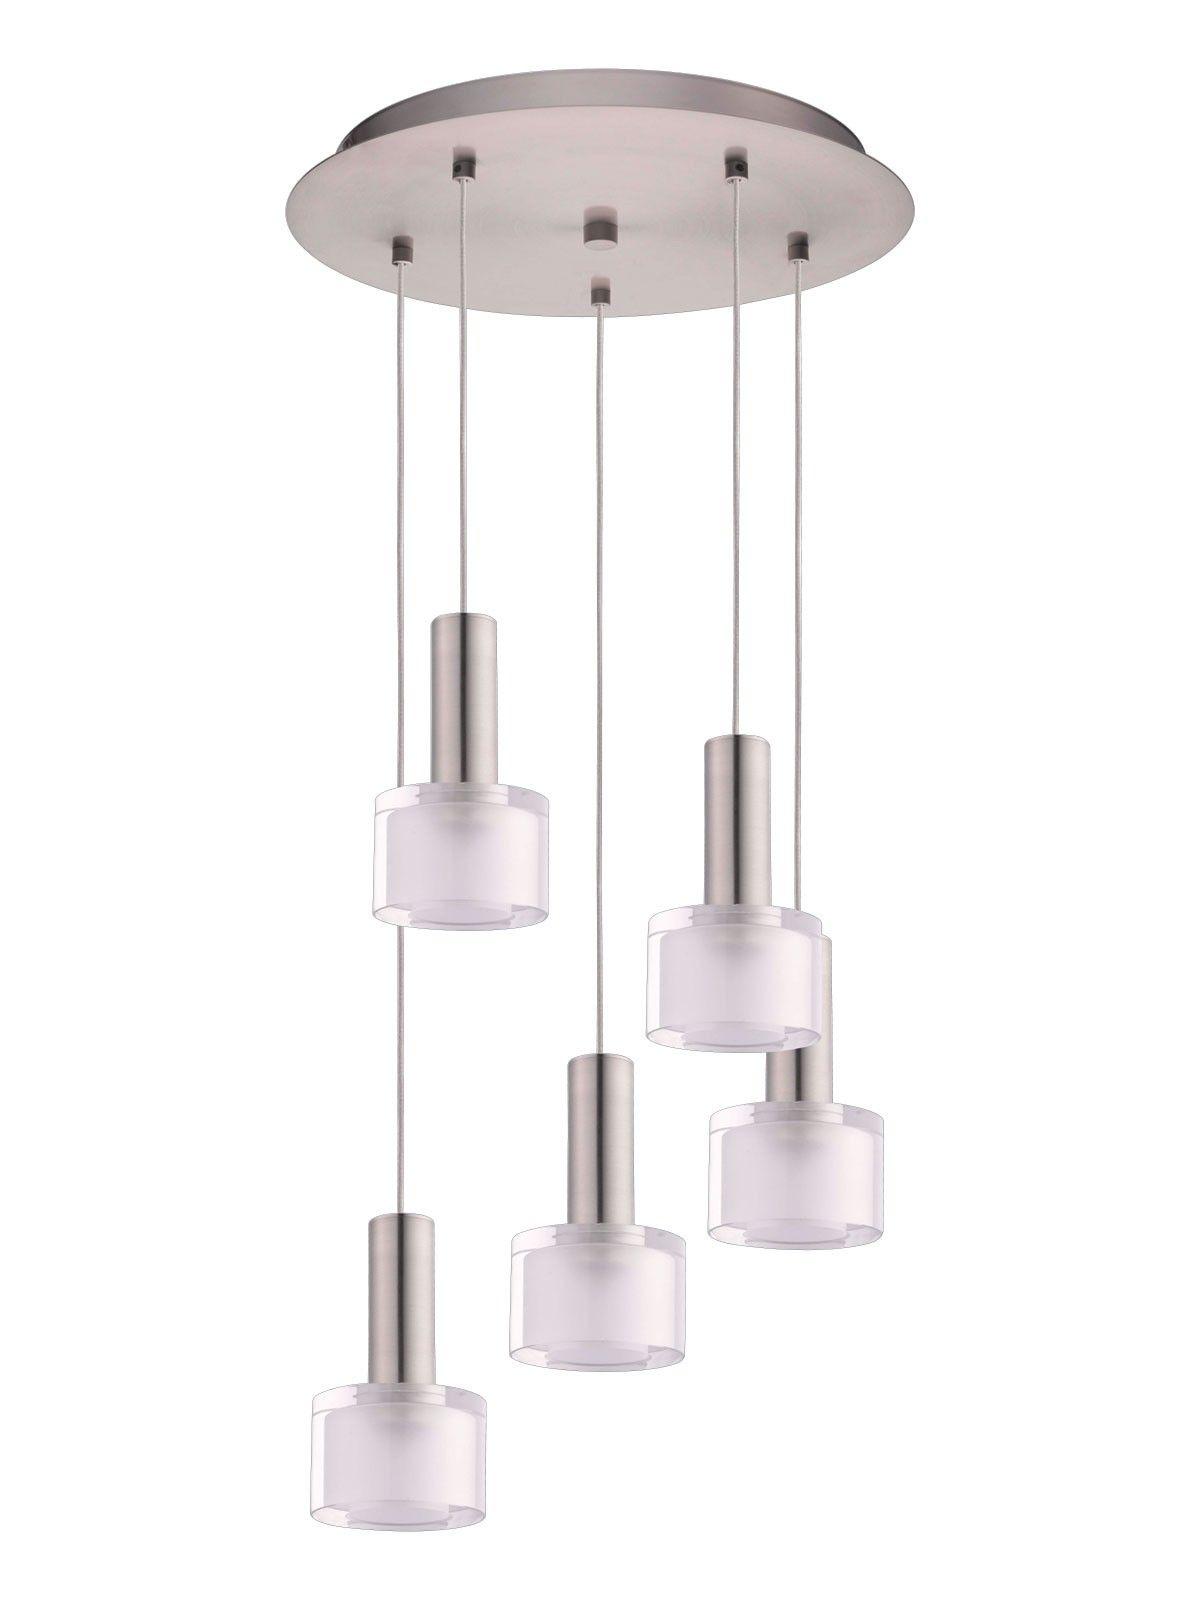 Pharos 5 light led pendant in brushed chrome lighting pinterest pharos 5 light led pendant in brushed chrome arubaitofo Gallery